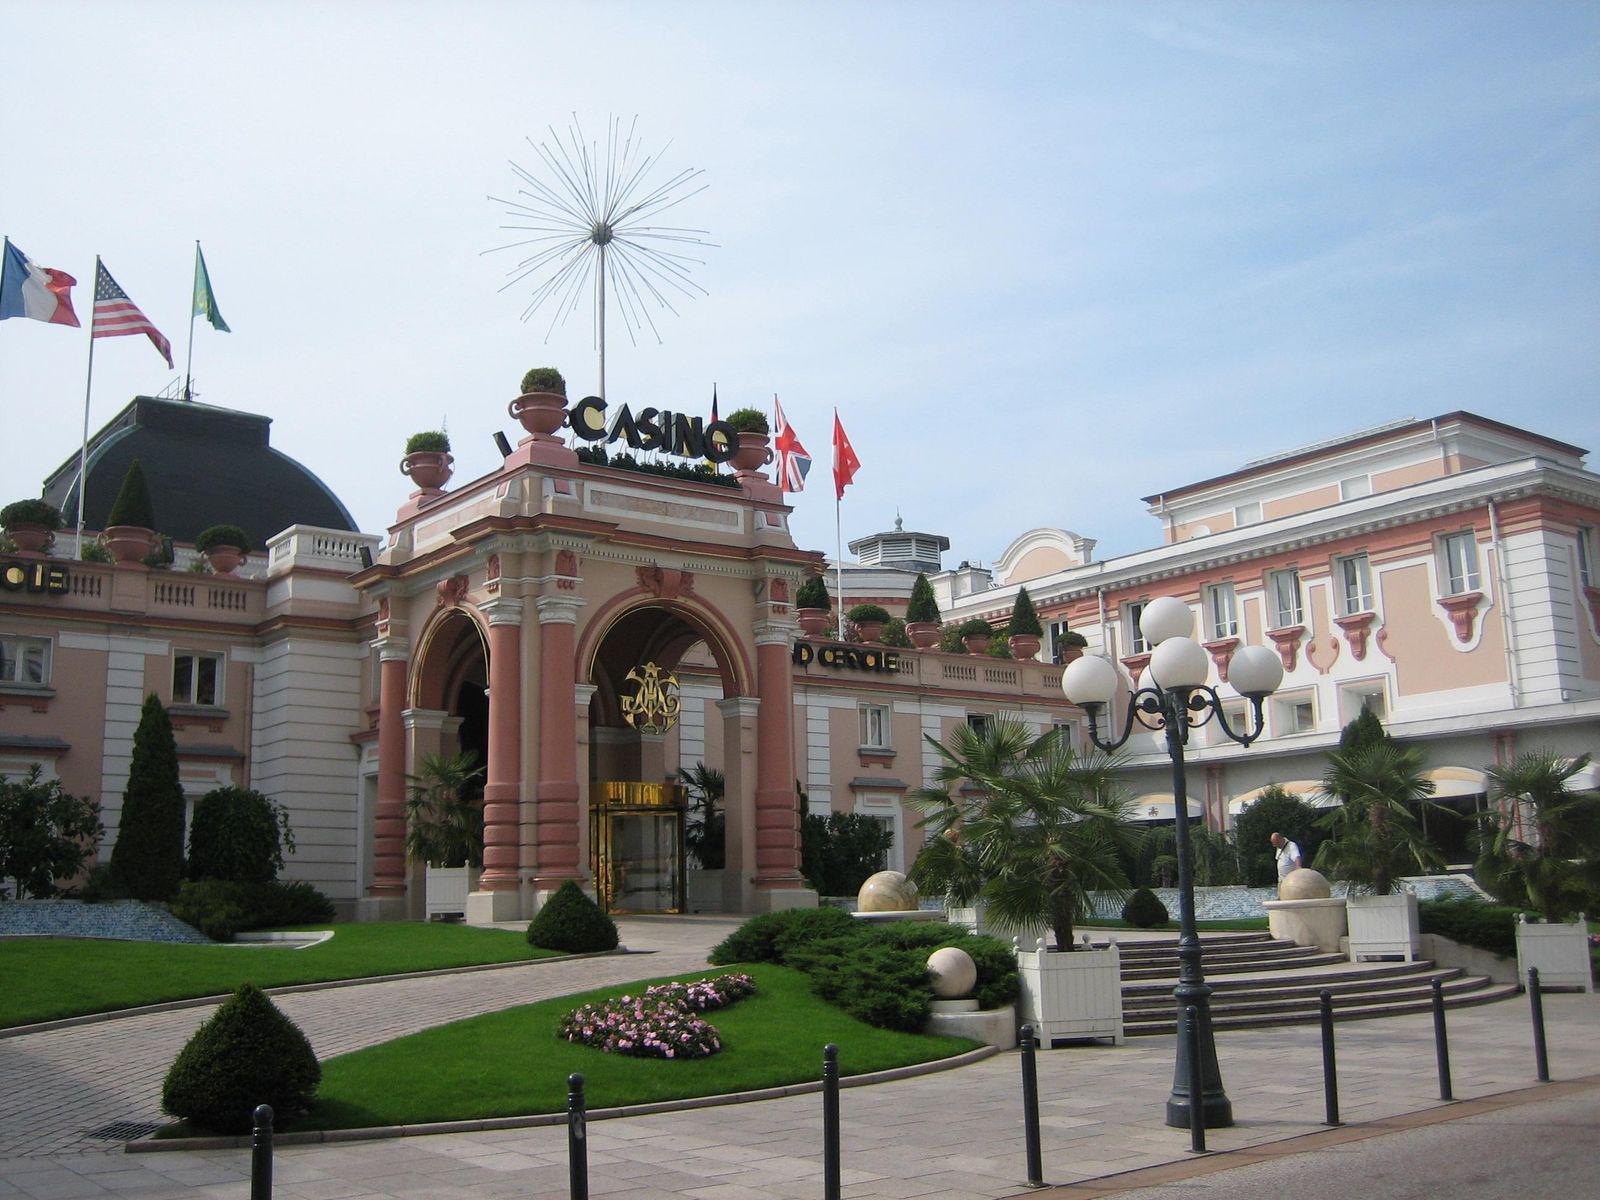 Le casino Grand Cercle_Aix-les-Bains